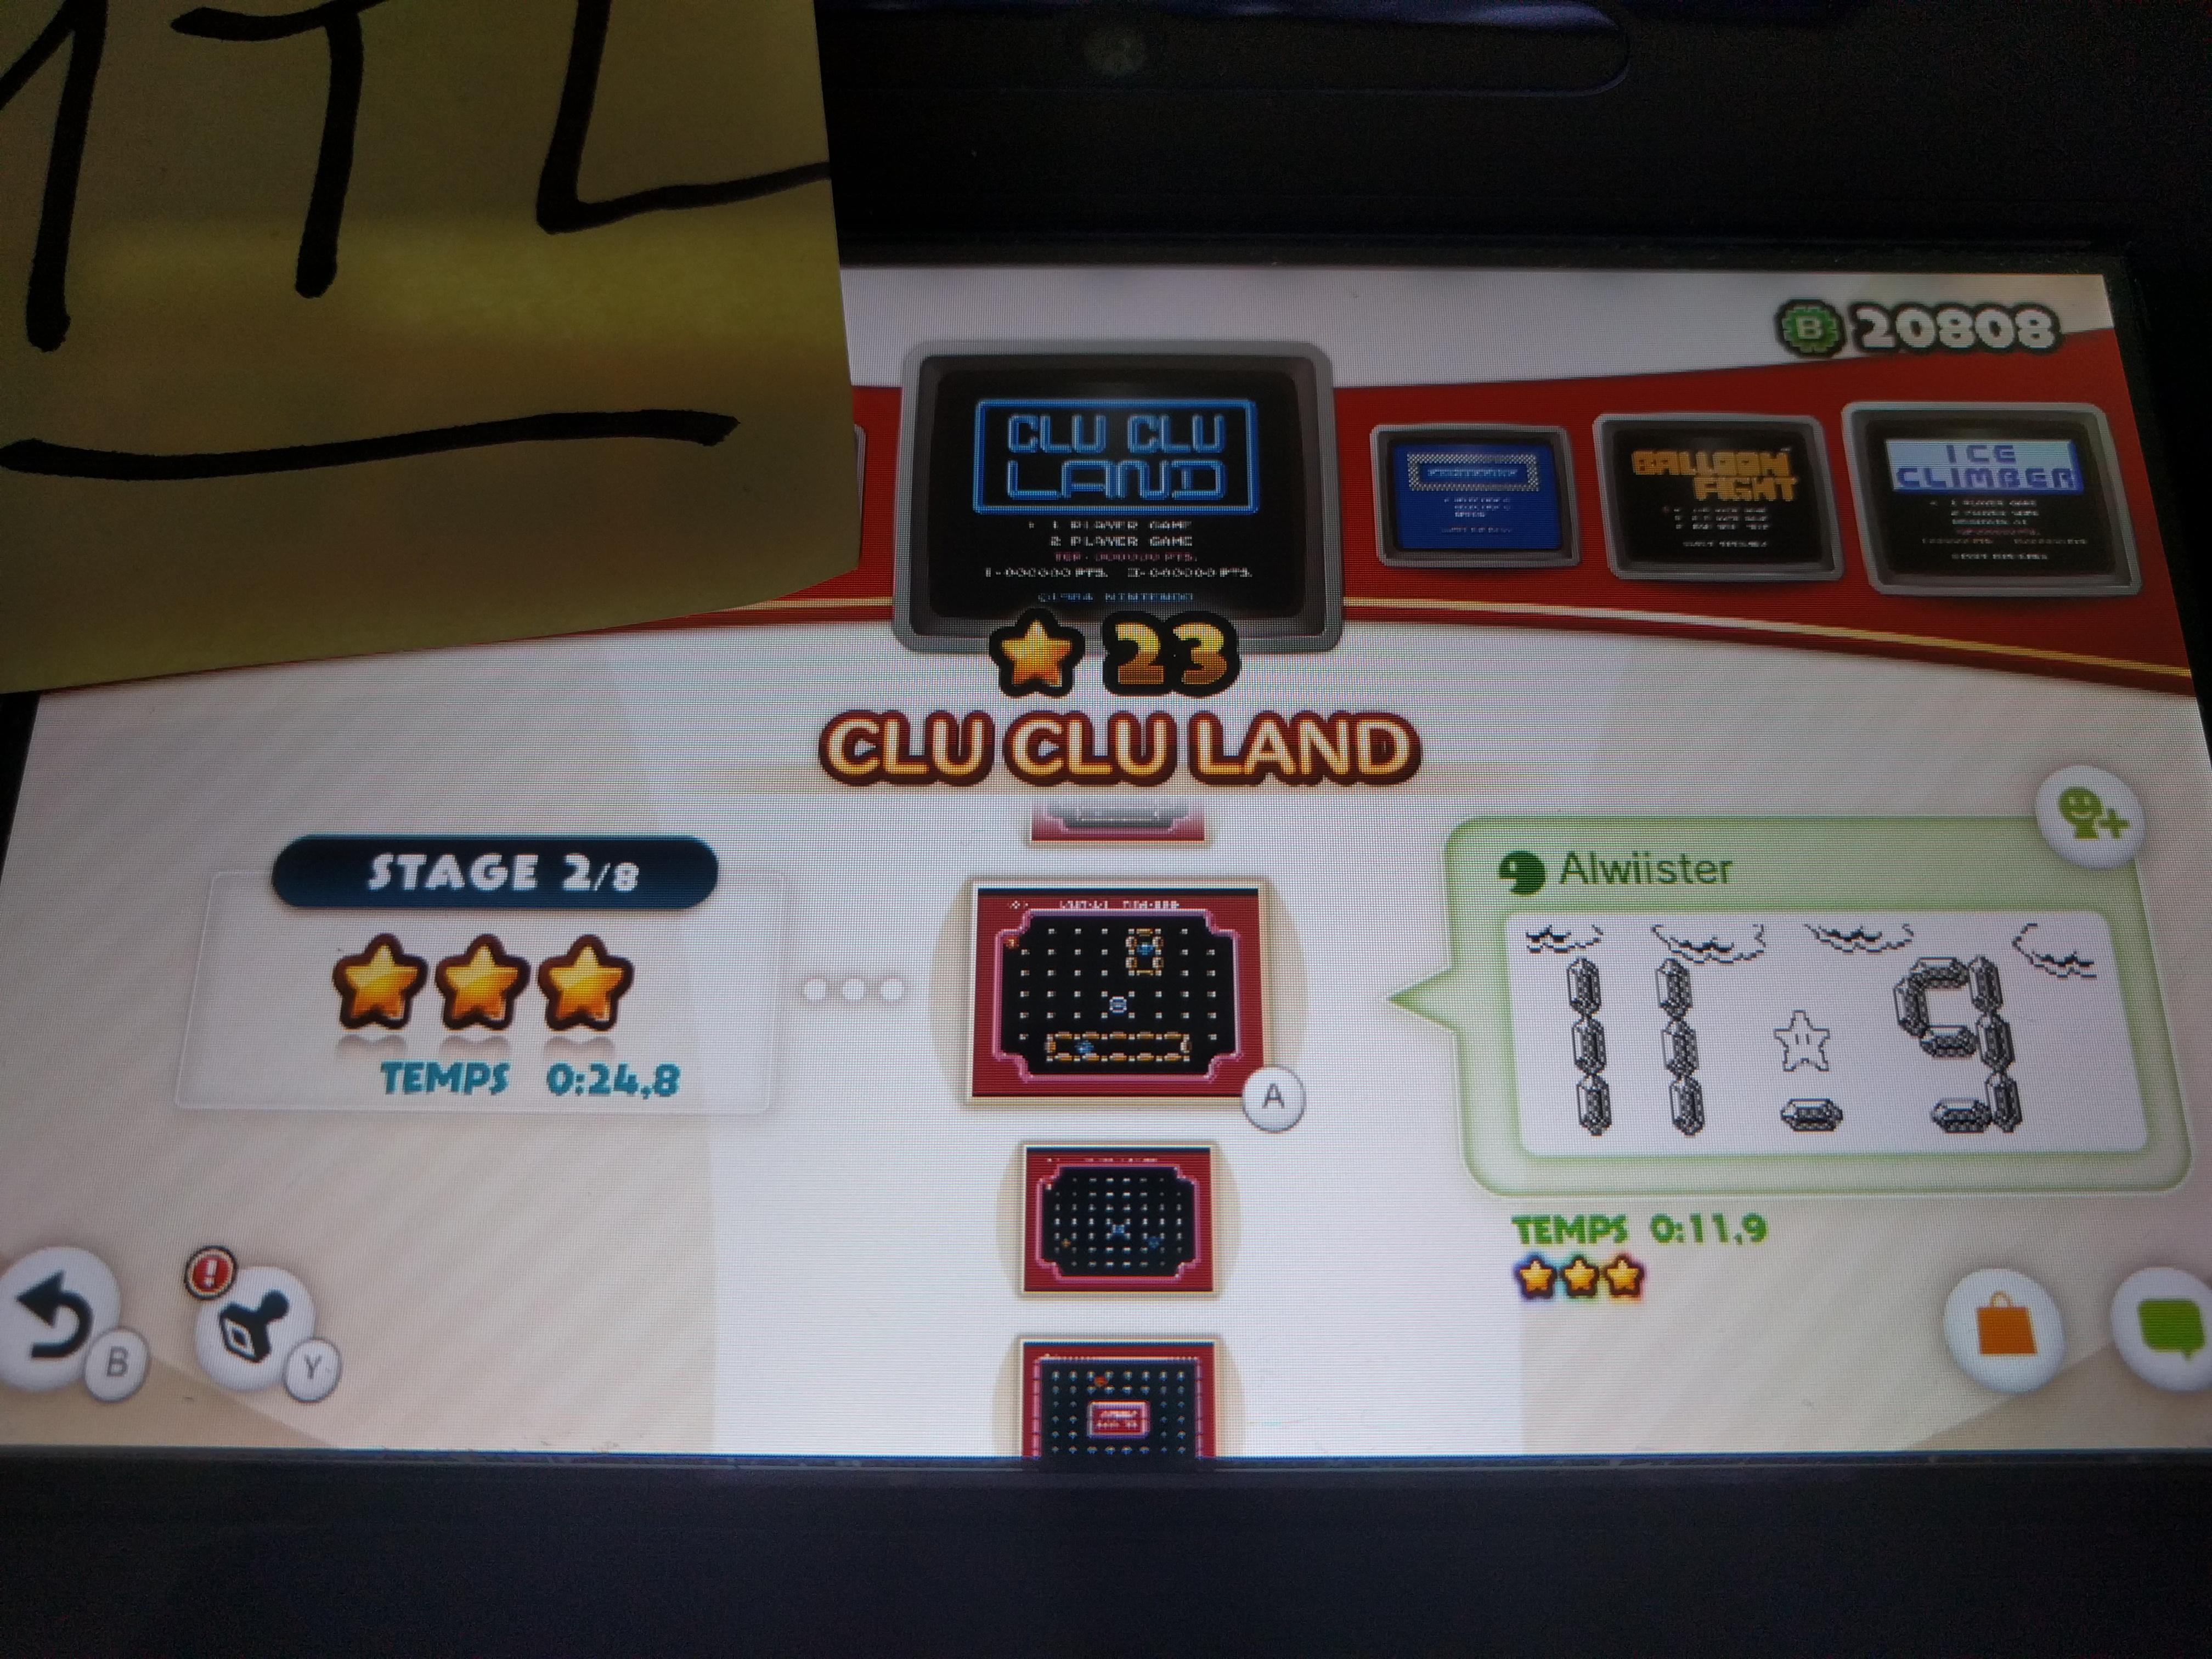 Mantalow: NES Remix: Clu Clu Land: Stage 2 (Wii U) 0:00:24.8 points on 2016-06-08 17:07:08